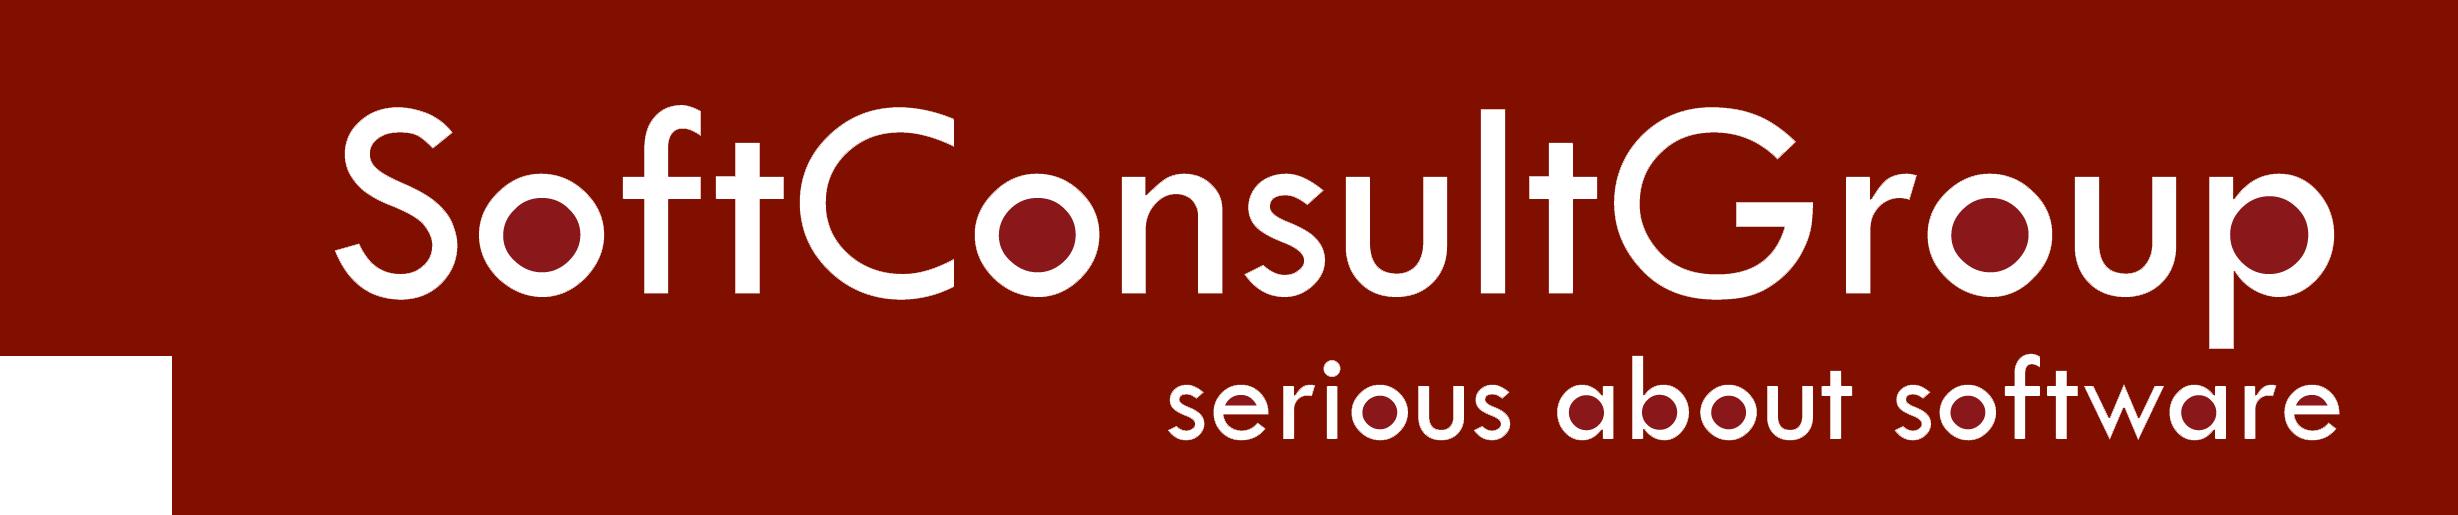 softconsultgroup_logo_sas